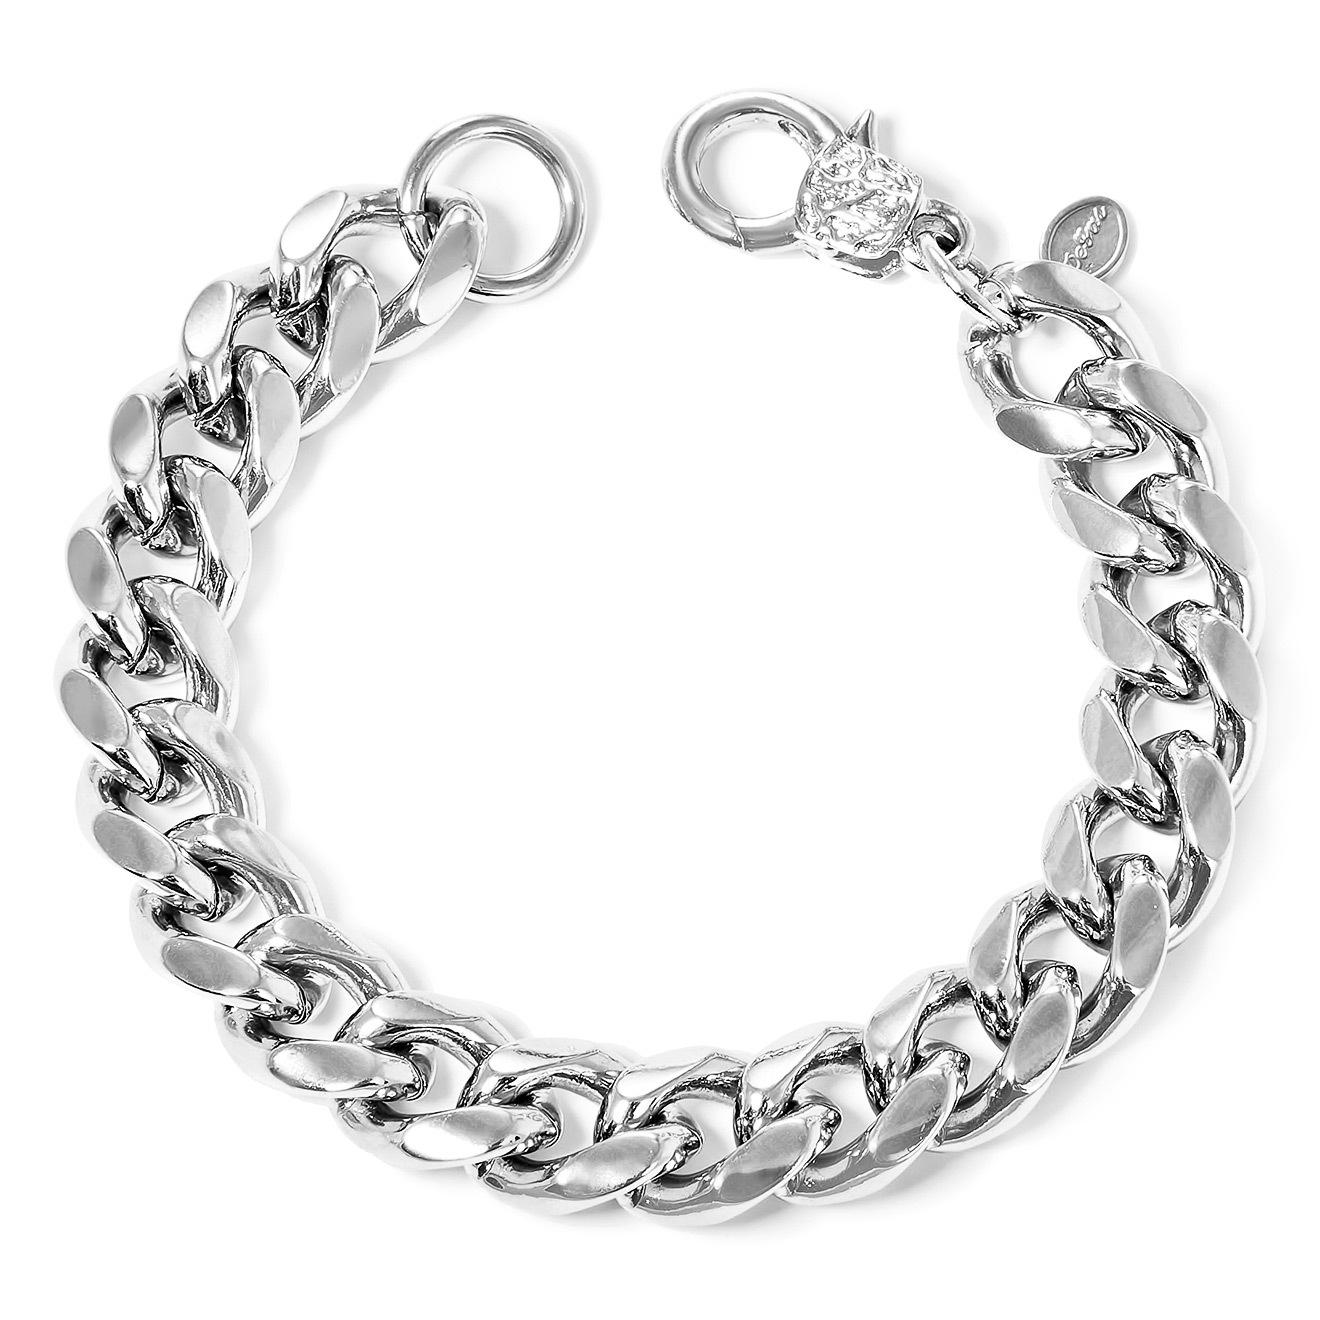 Aqua Серебристый браслет-цепь